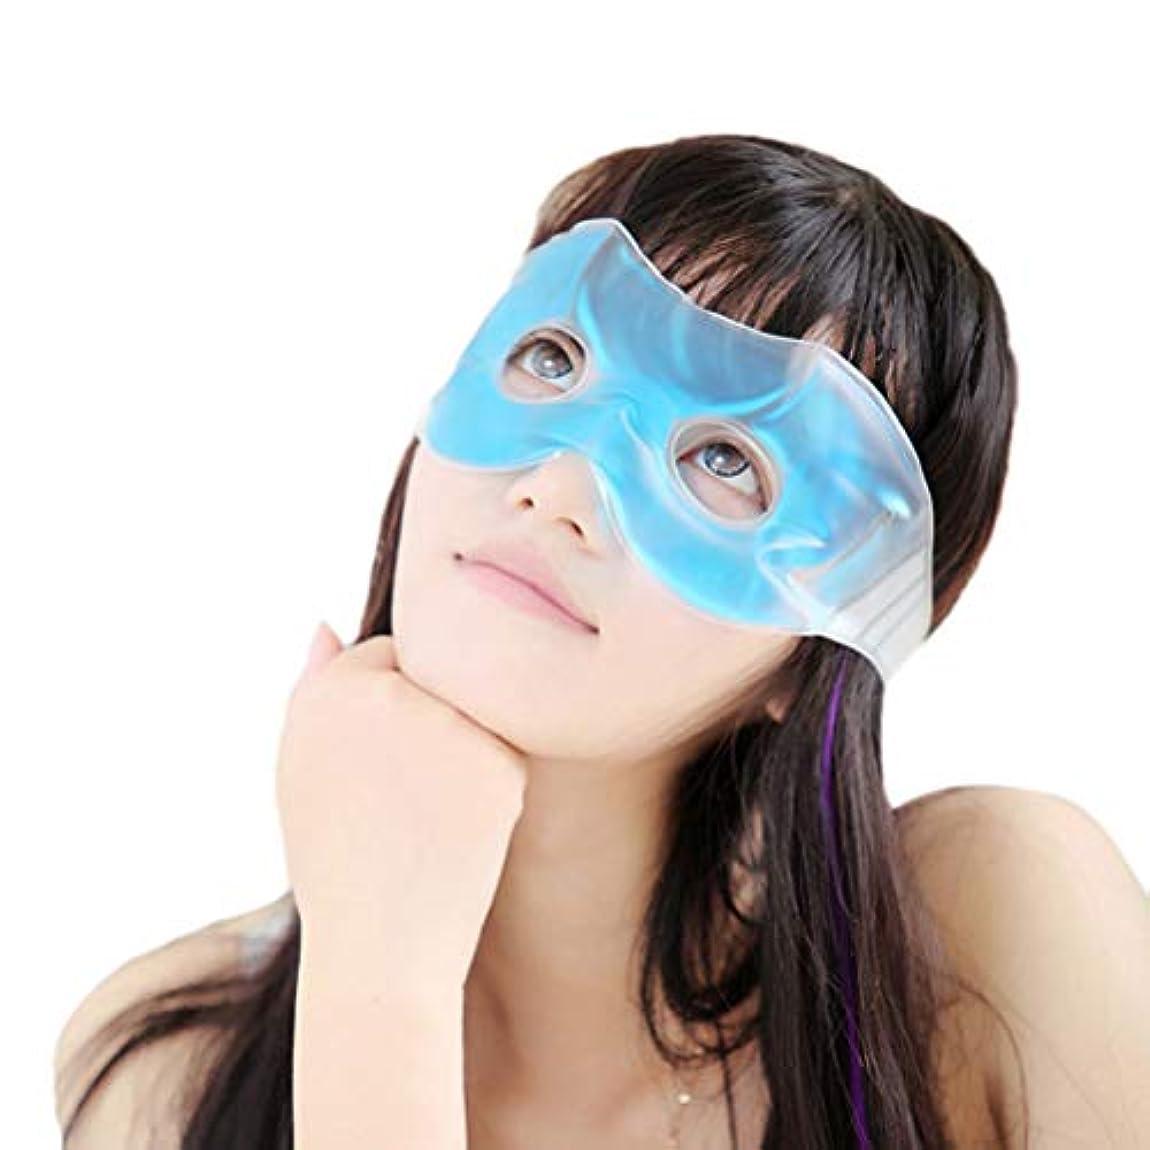 北冷笑するチューインガムHeallilyアイスアイマスク睡眠アイスパッチ冷却リラックスブラインド快適なパッチ用アイパフネスダークサークル